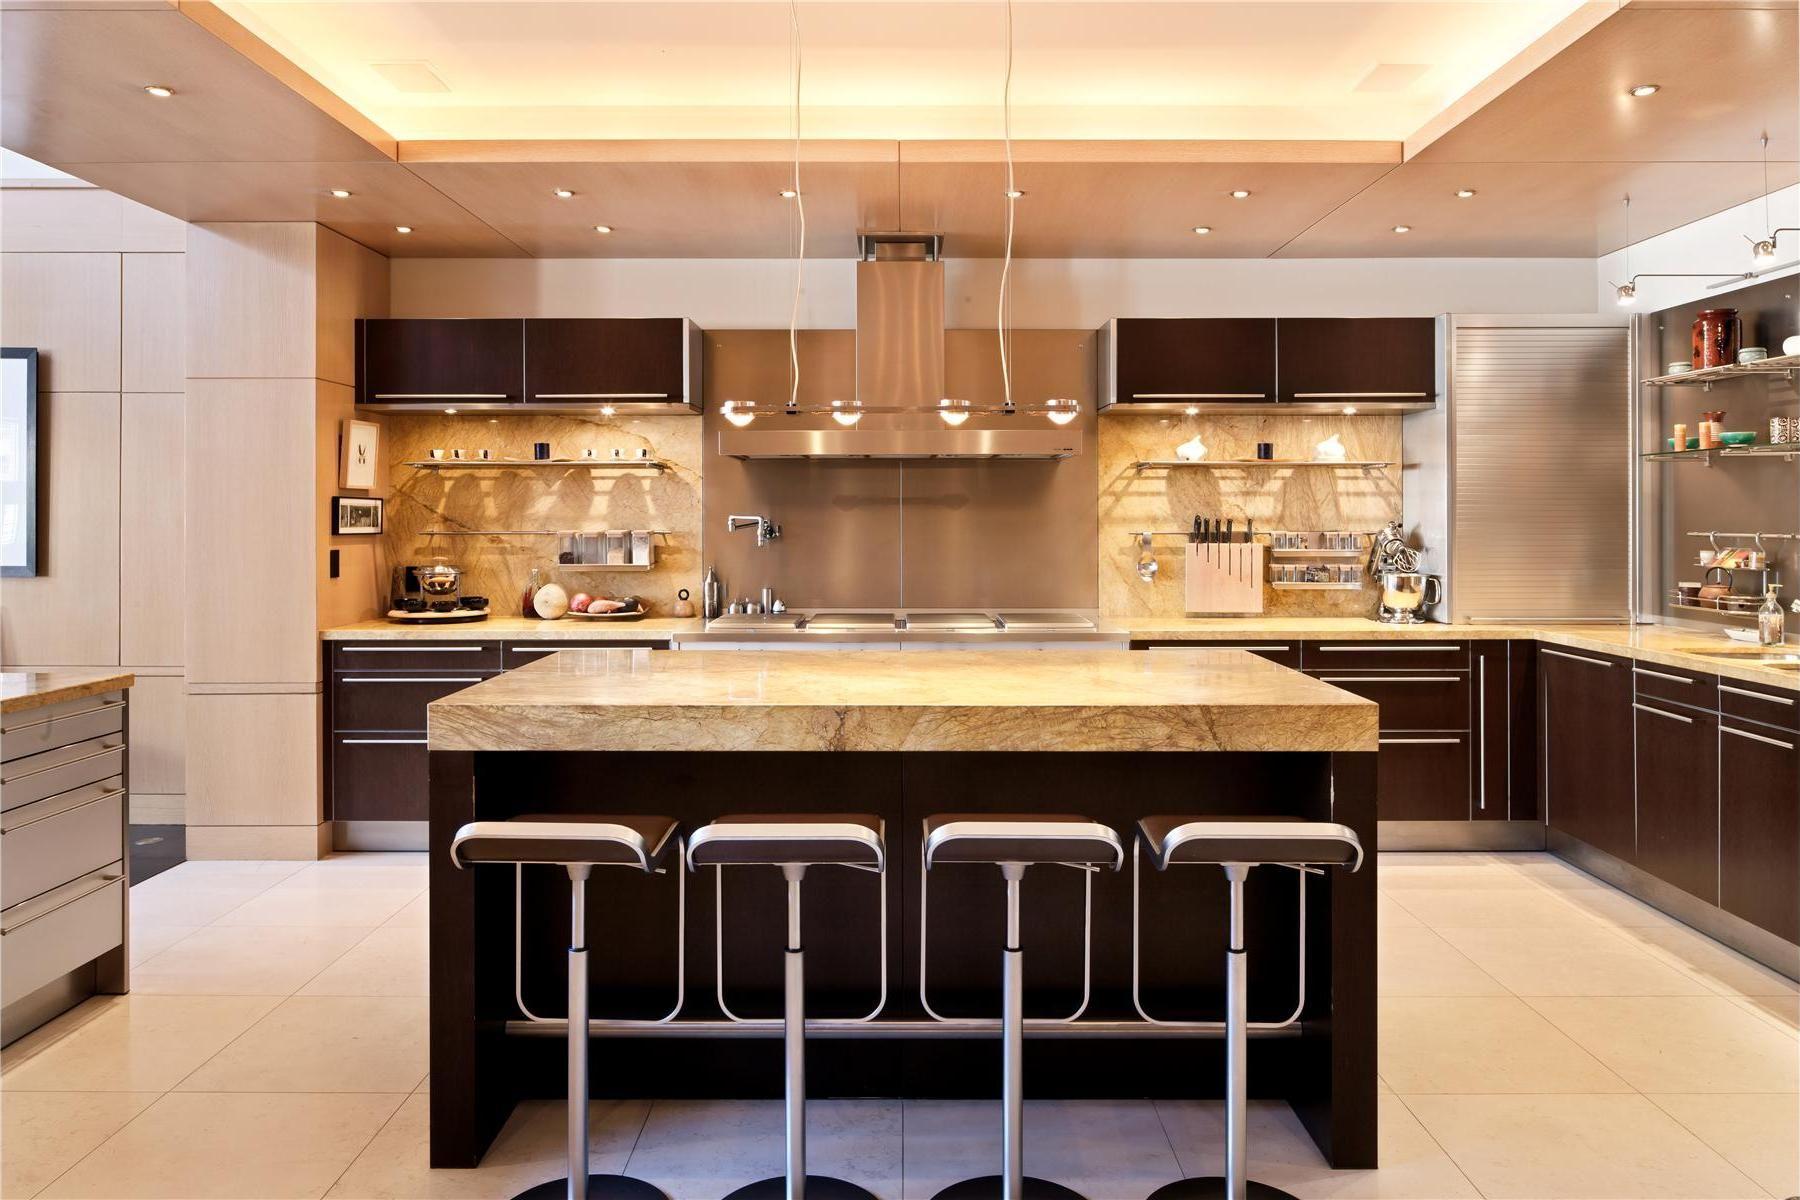 orange bar stools - Google Search | Dream kitchens design, Luxury kitchen  design, Kitchen remodel